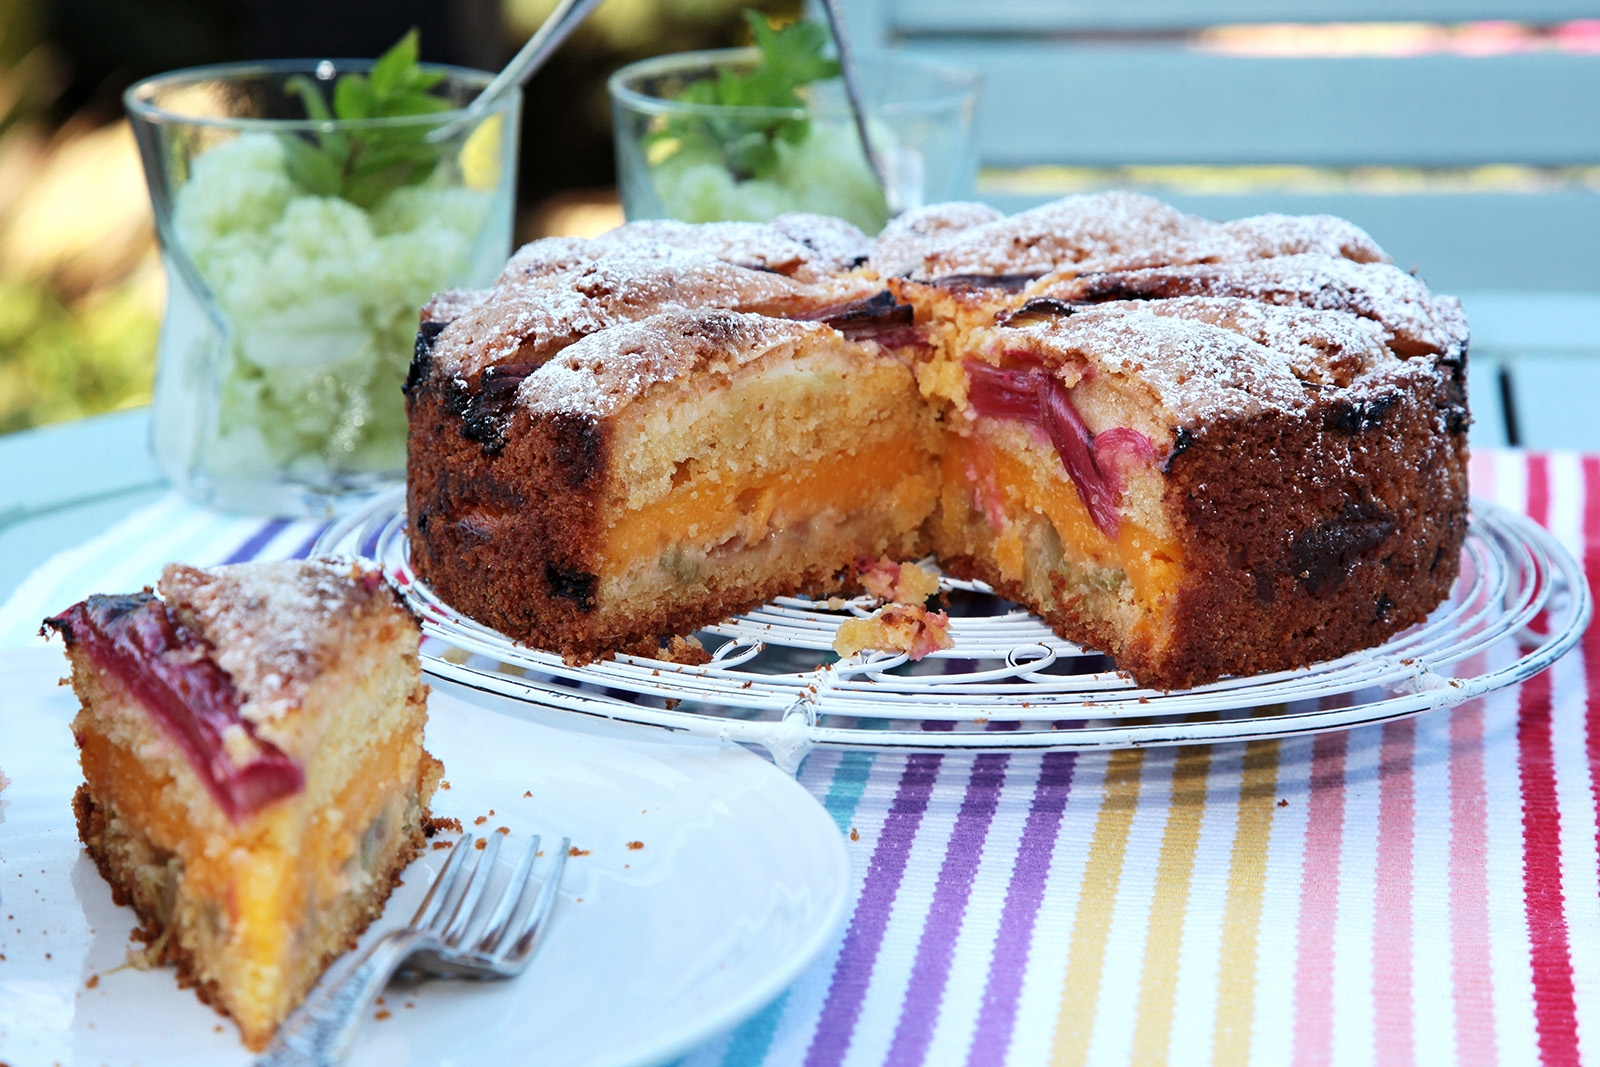 Letní pohoštění z rebarbory/granita a třený koláč s pudinkem